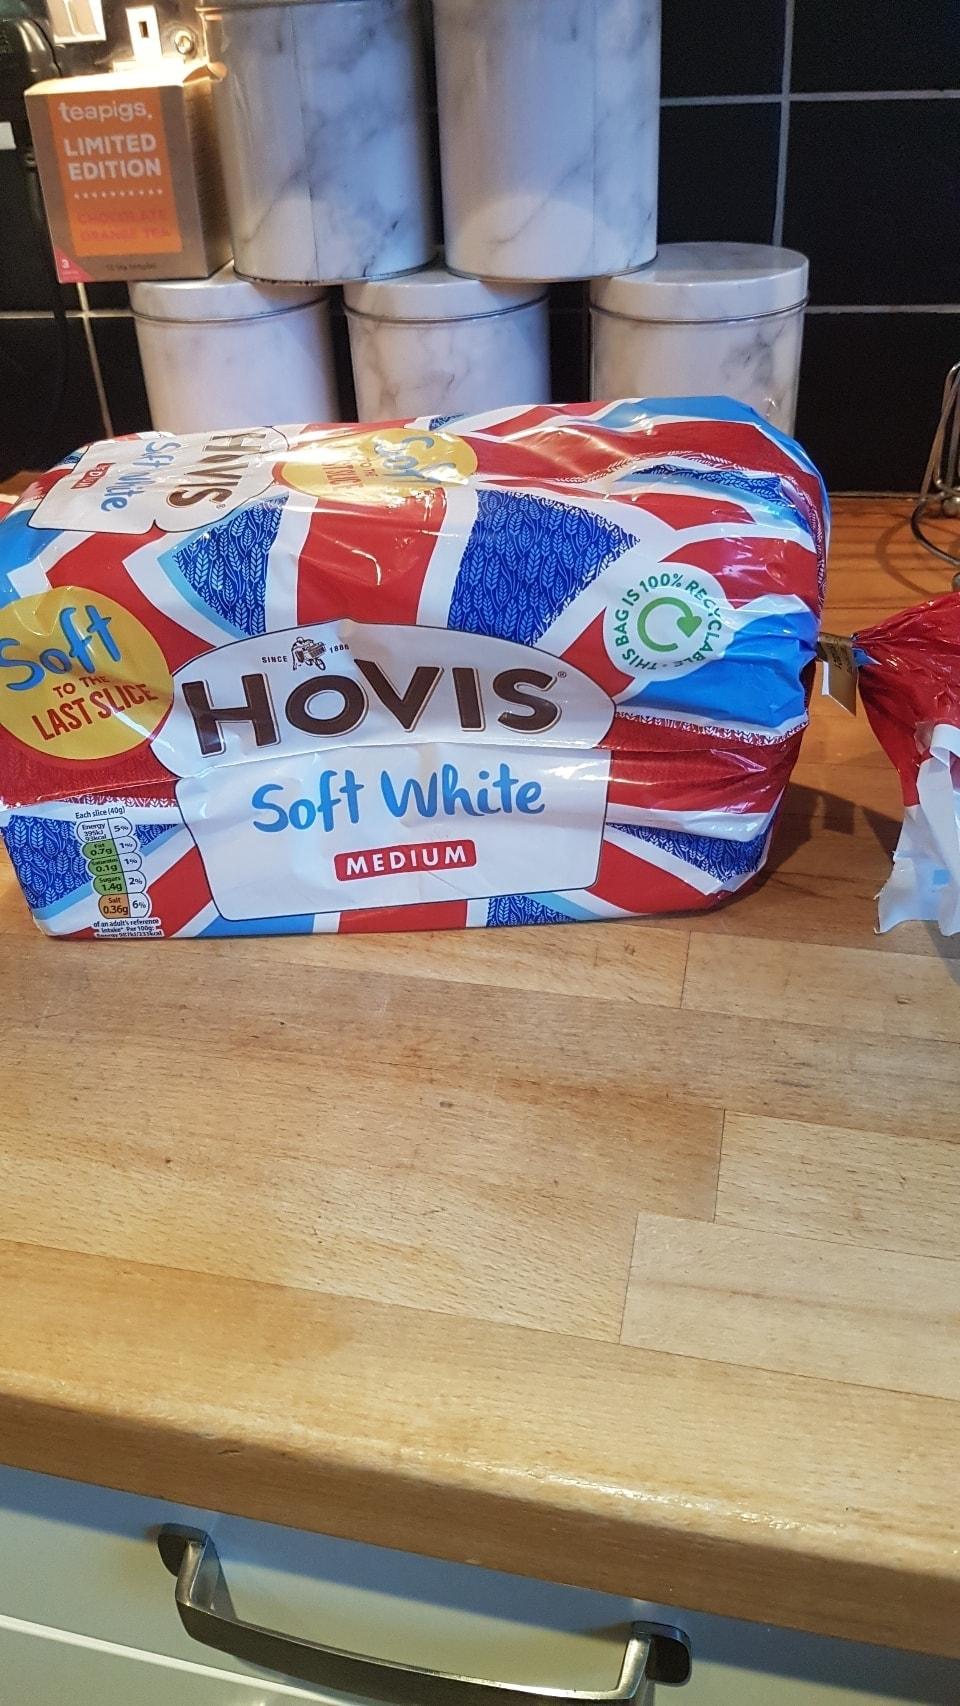 Hovis medium bread